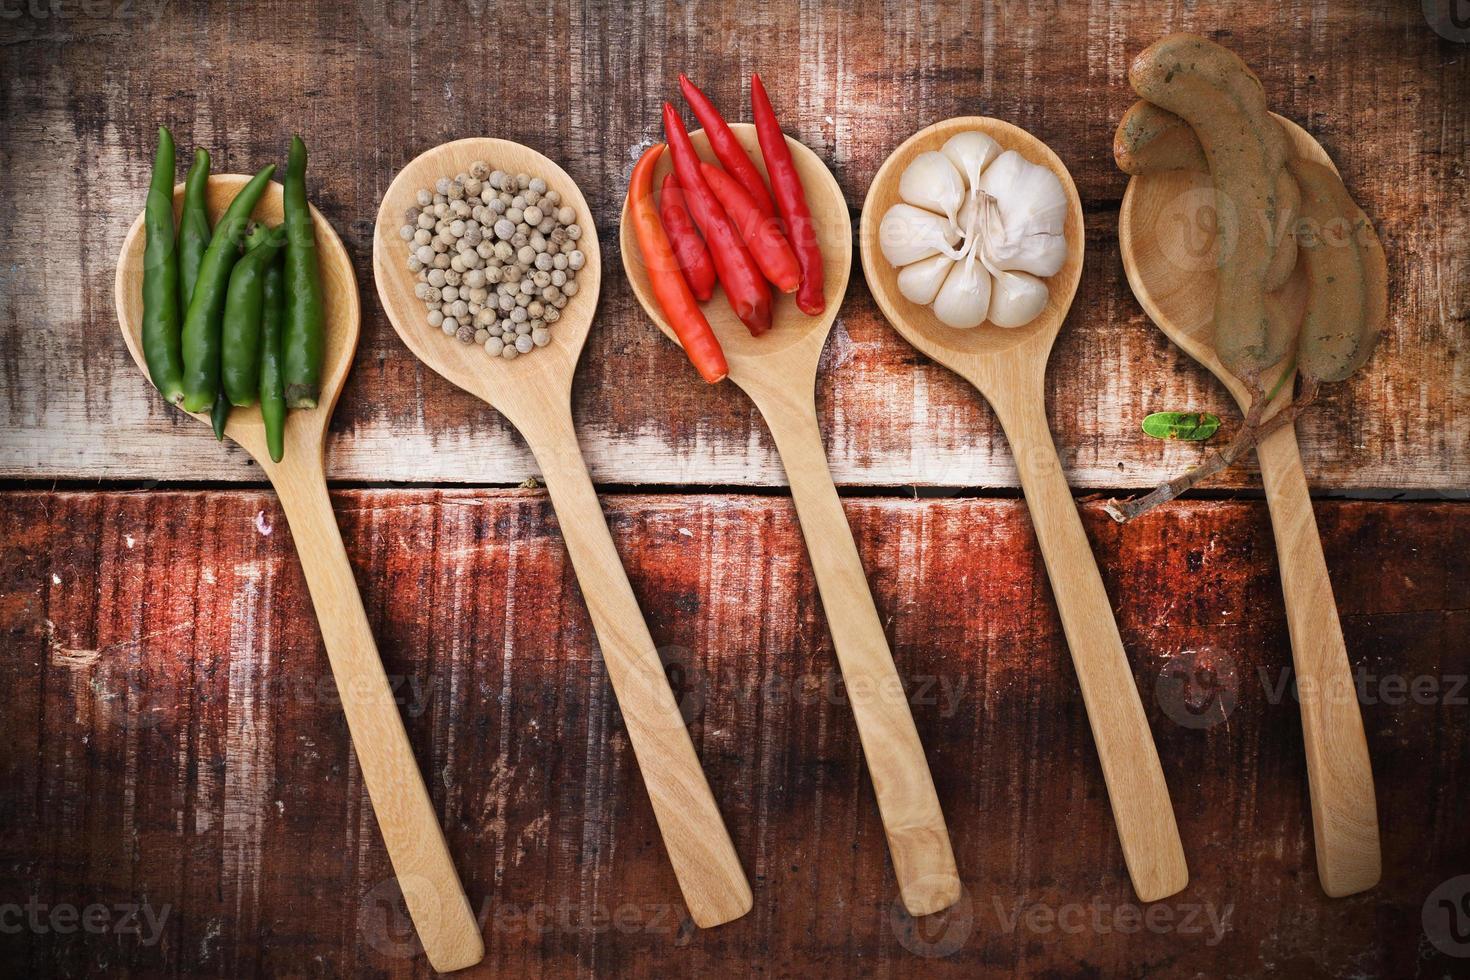 especias y hierbas en cucharas de madera. foto